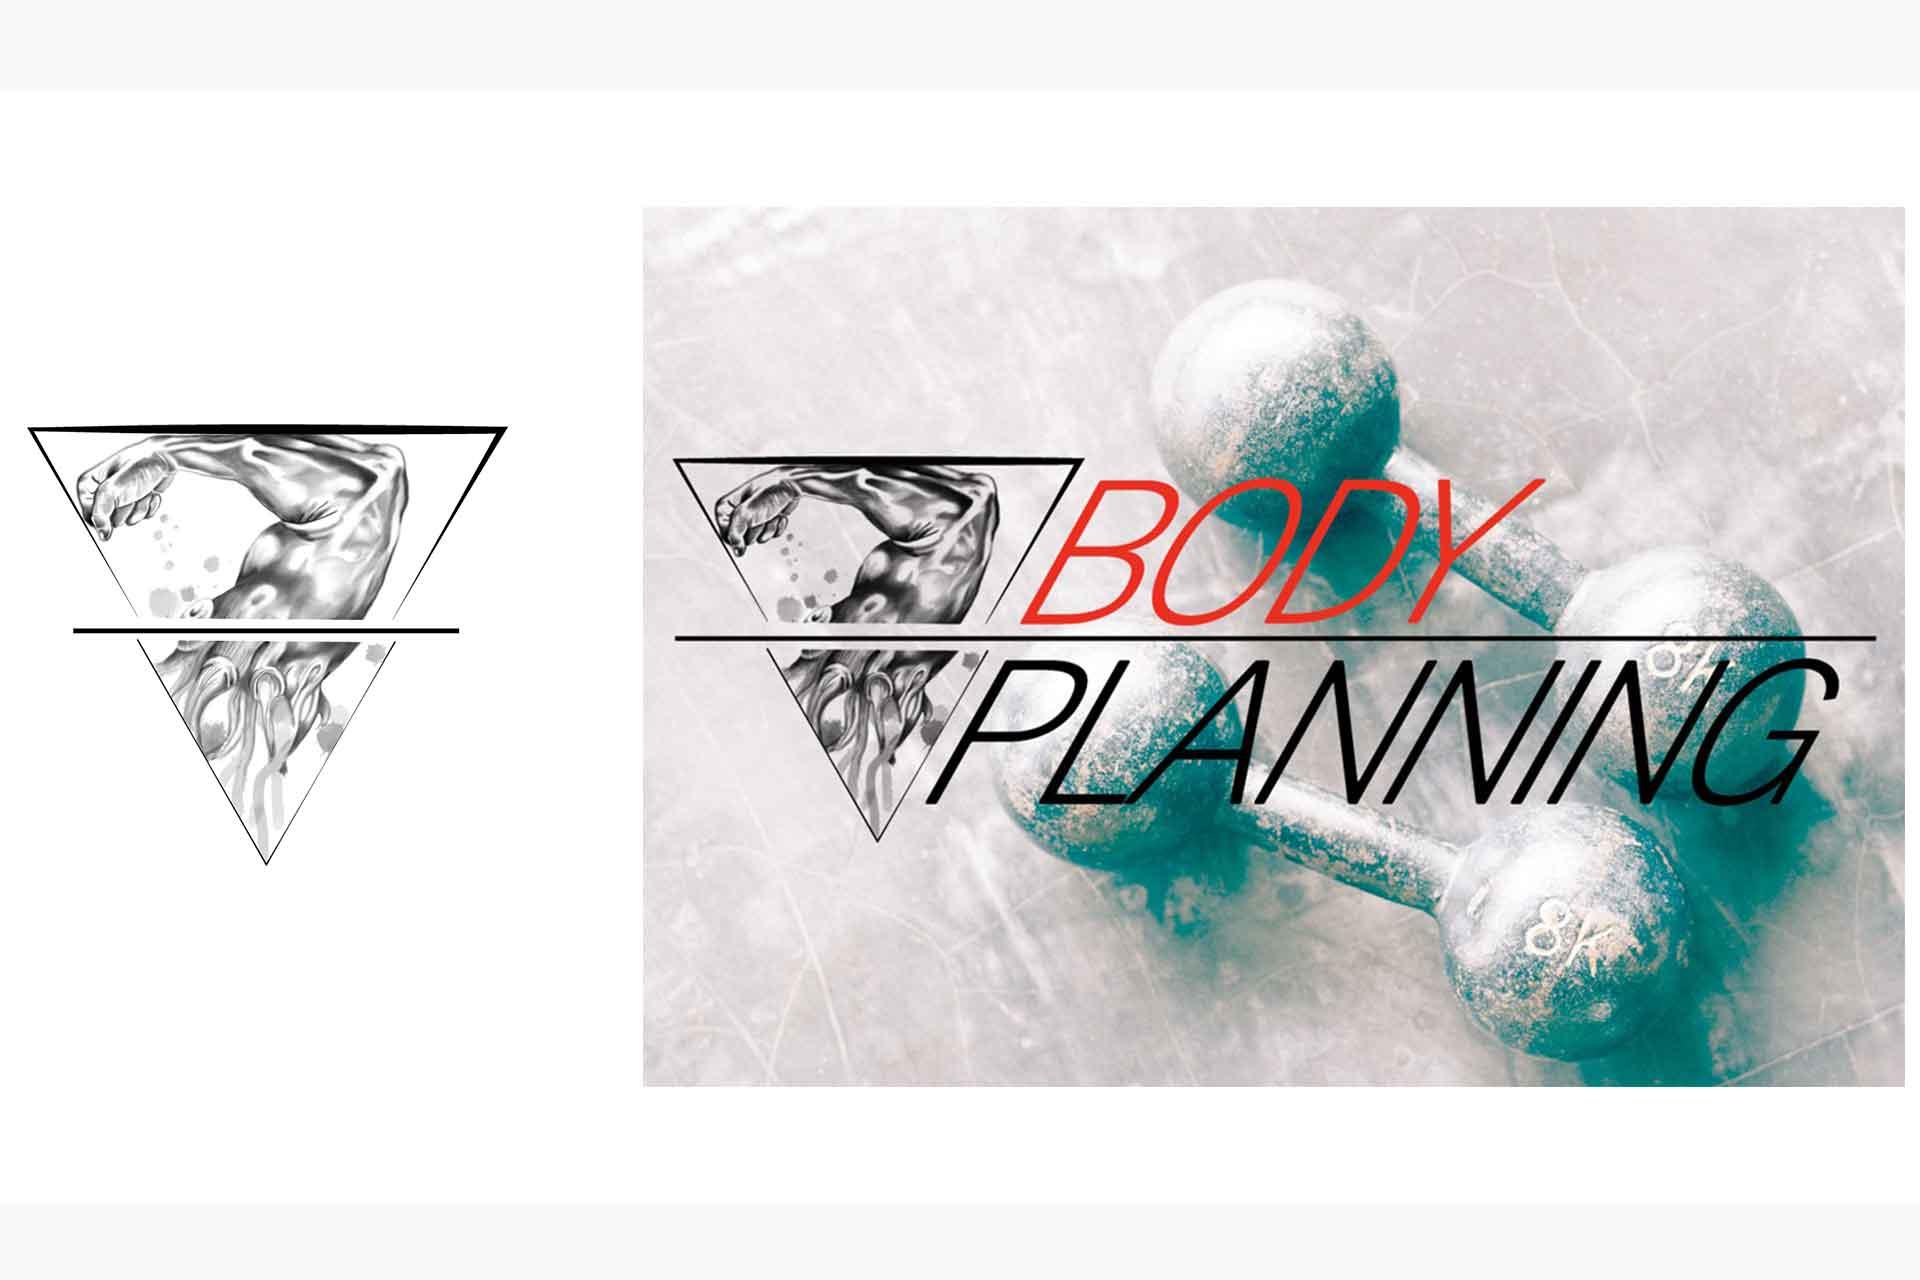 lv-design-realizzazione-siti-web-bologna-portfolio-grafica-body-planning-slide-1